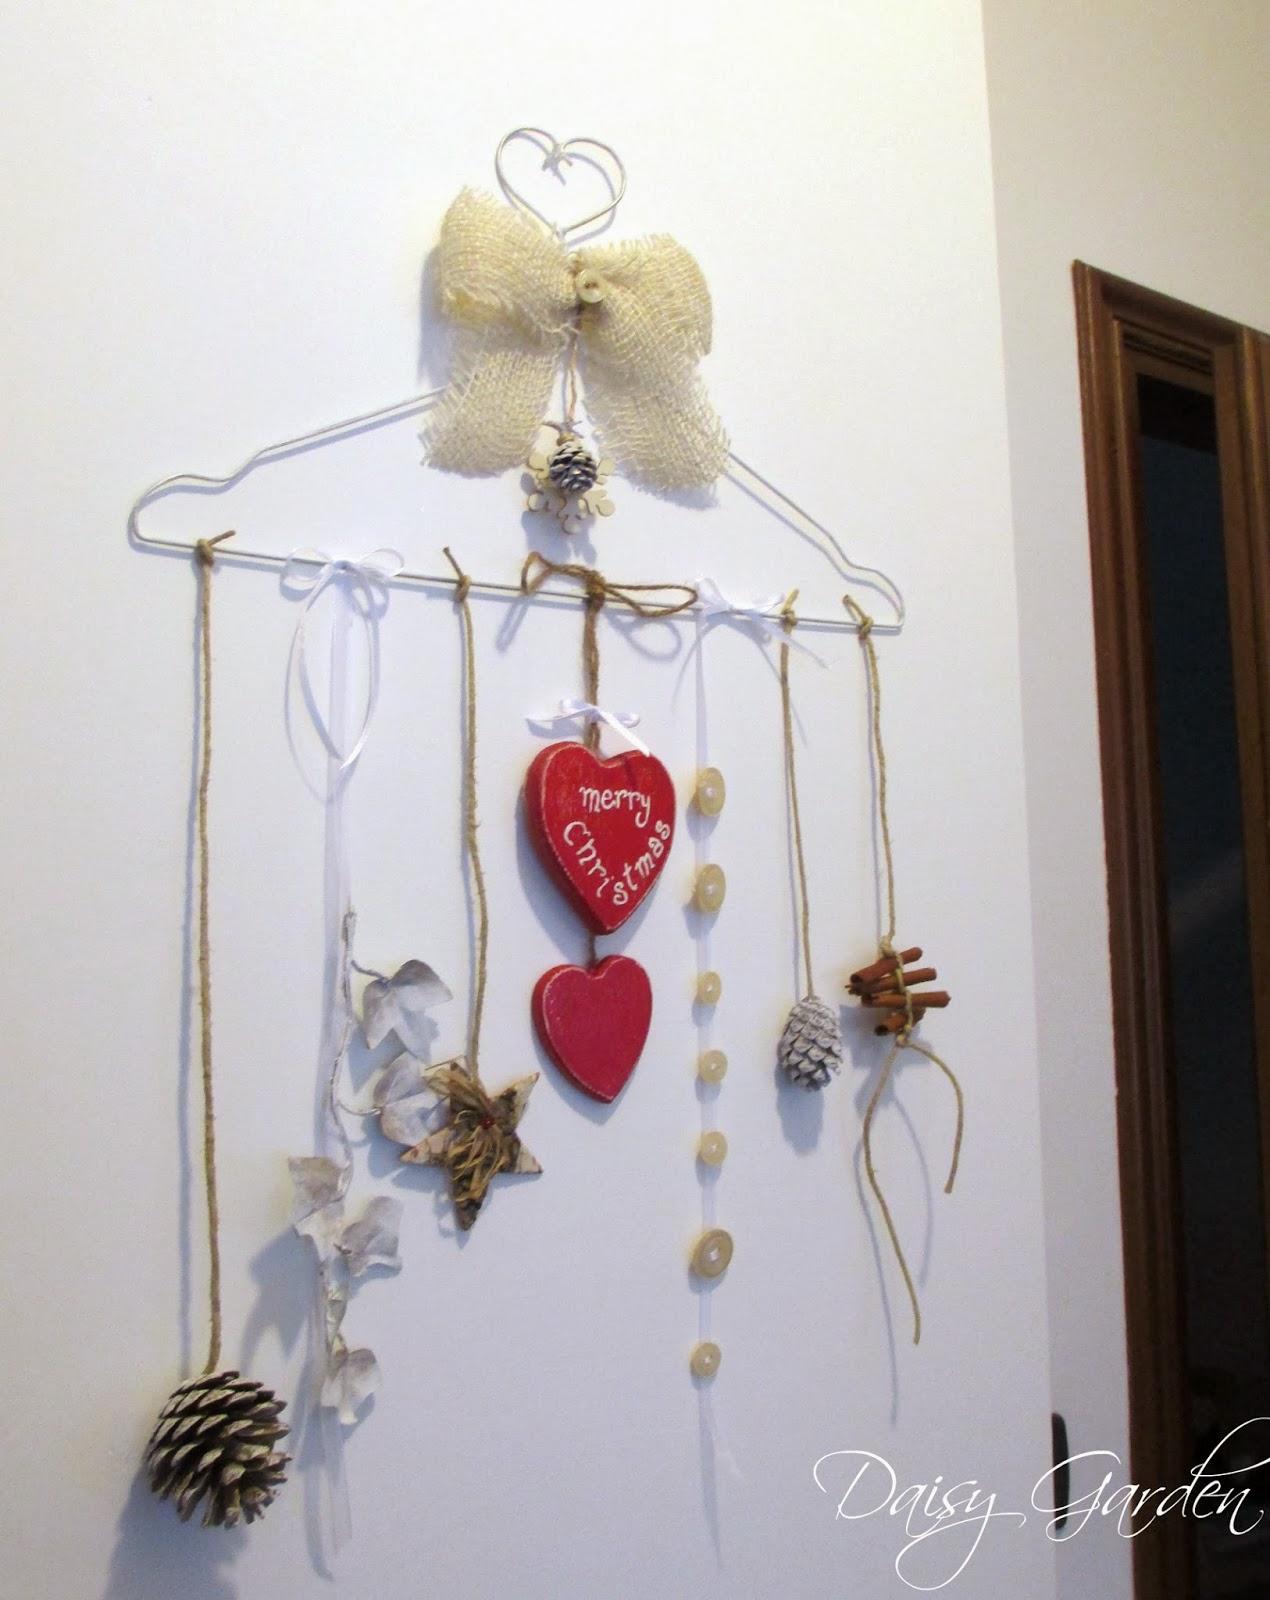 Daisy garden le decorazioni di natale una ghirlanda for Decorazioni natalizie in legno da appendere